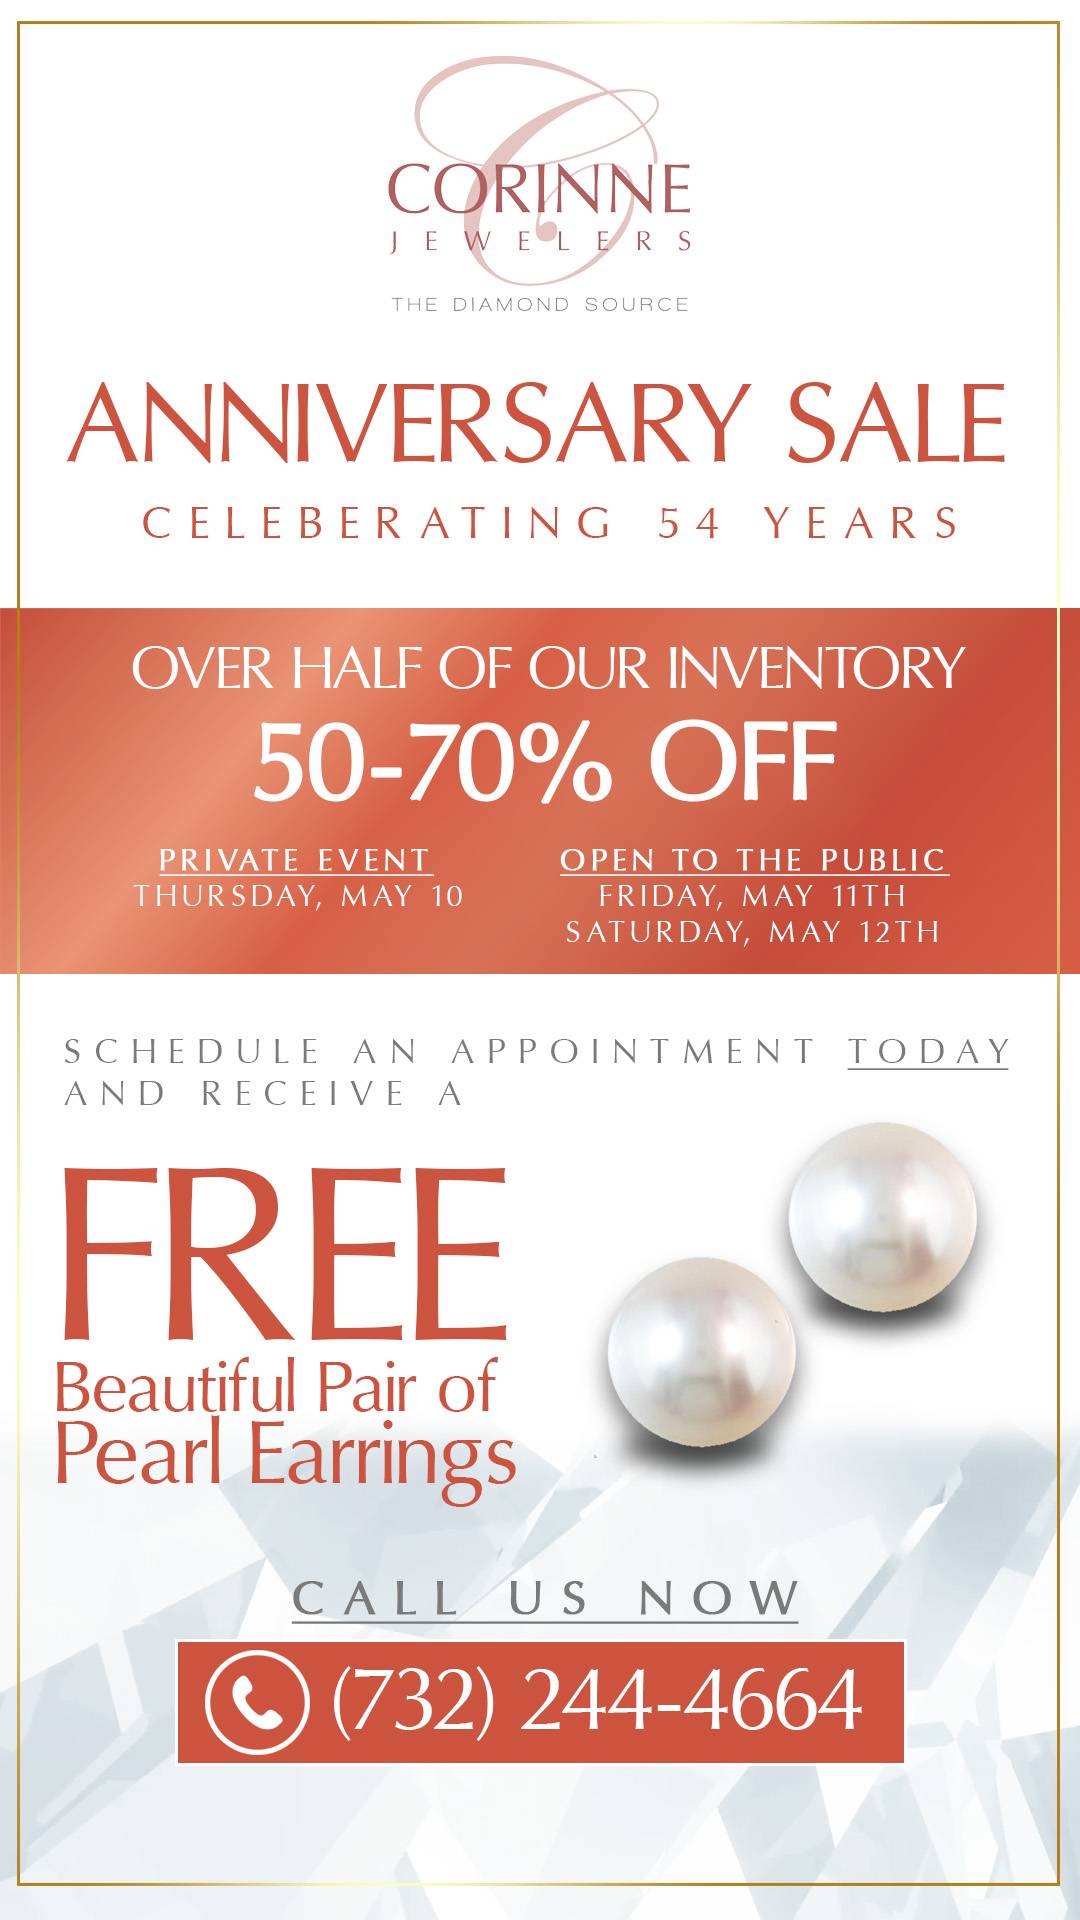 Anniversary Sale - Celebrating 54 Years